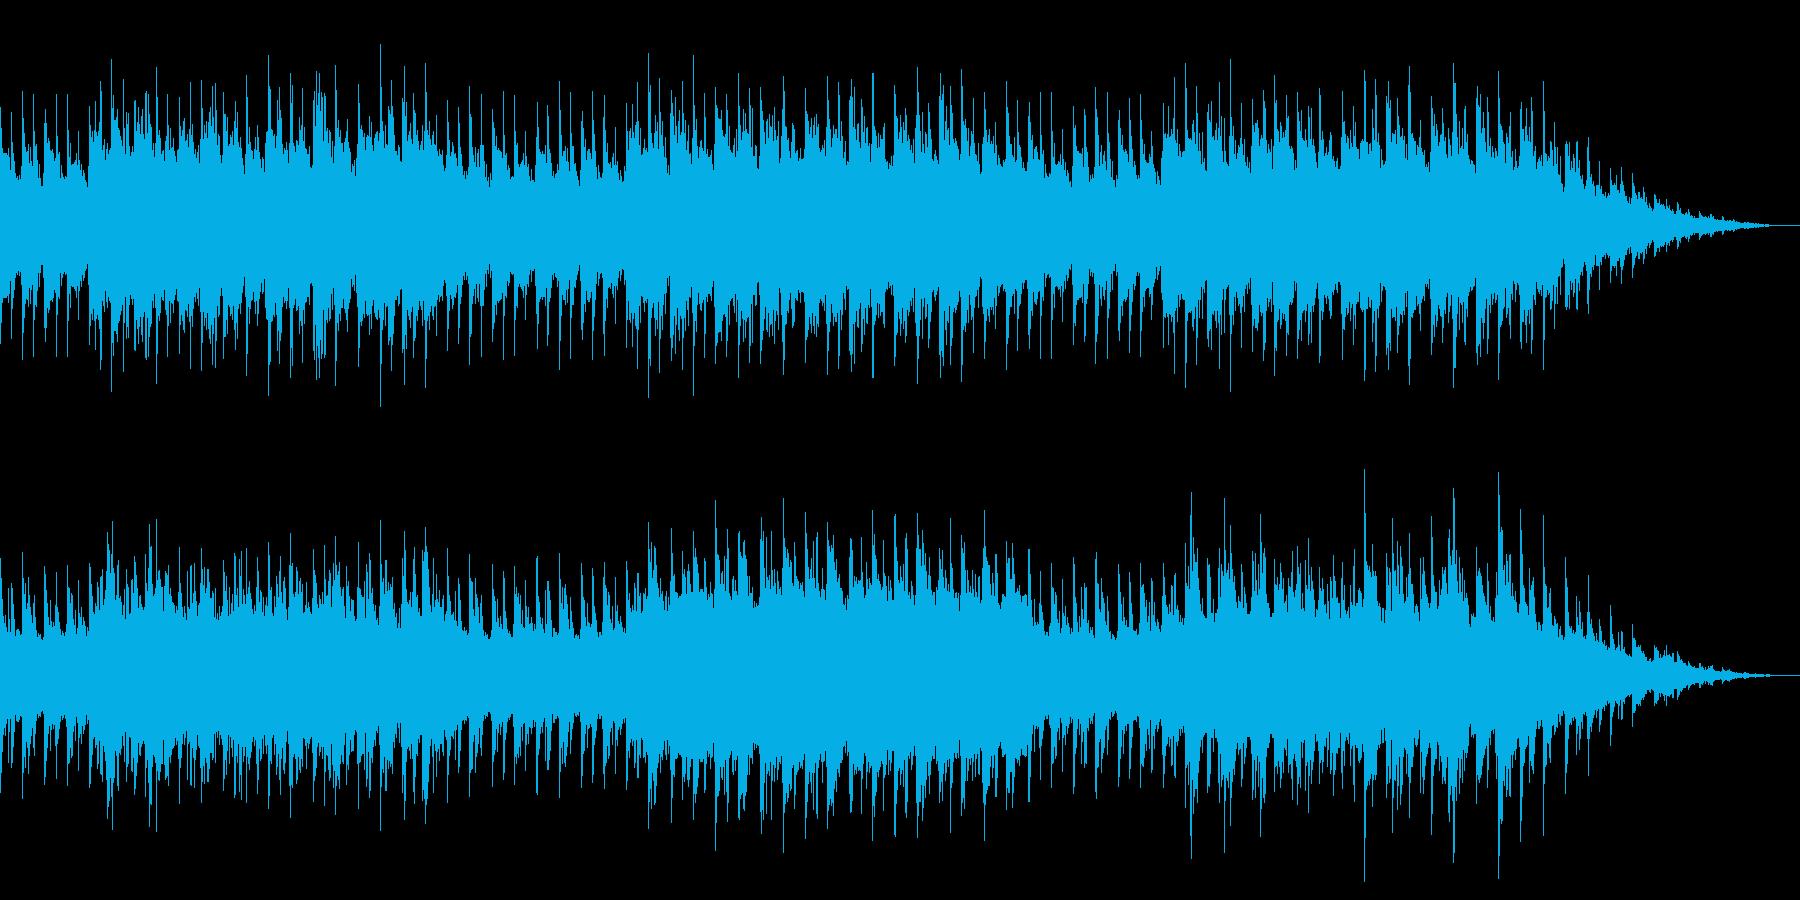 深海をイメージしたヒーリングサウンドの再生済みの波形